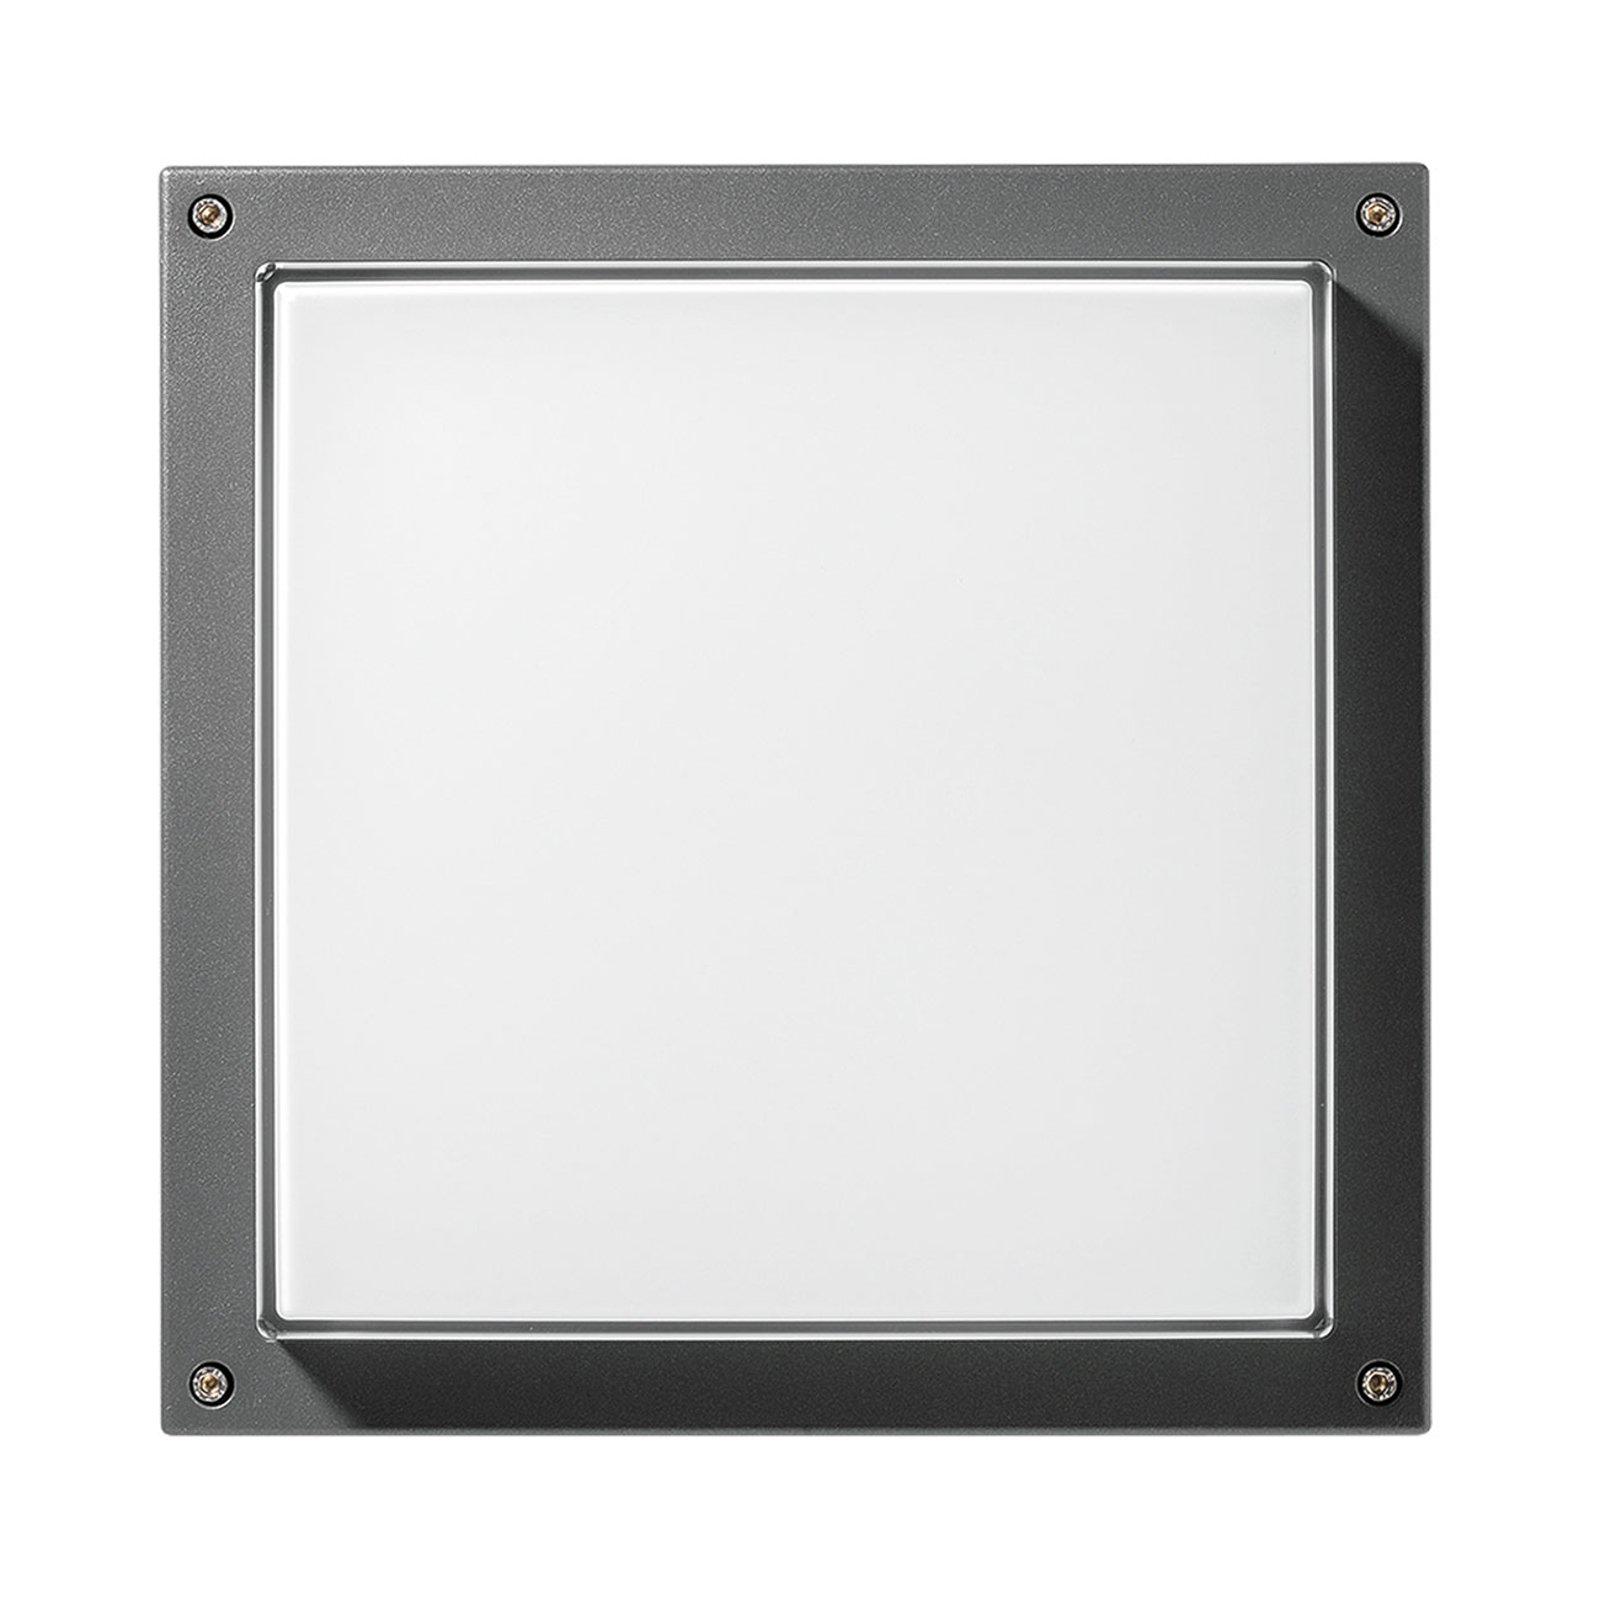 LED-vegglampe Bliz Square 40, 3 000 K, antrasitt